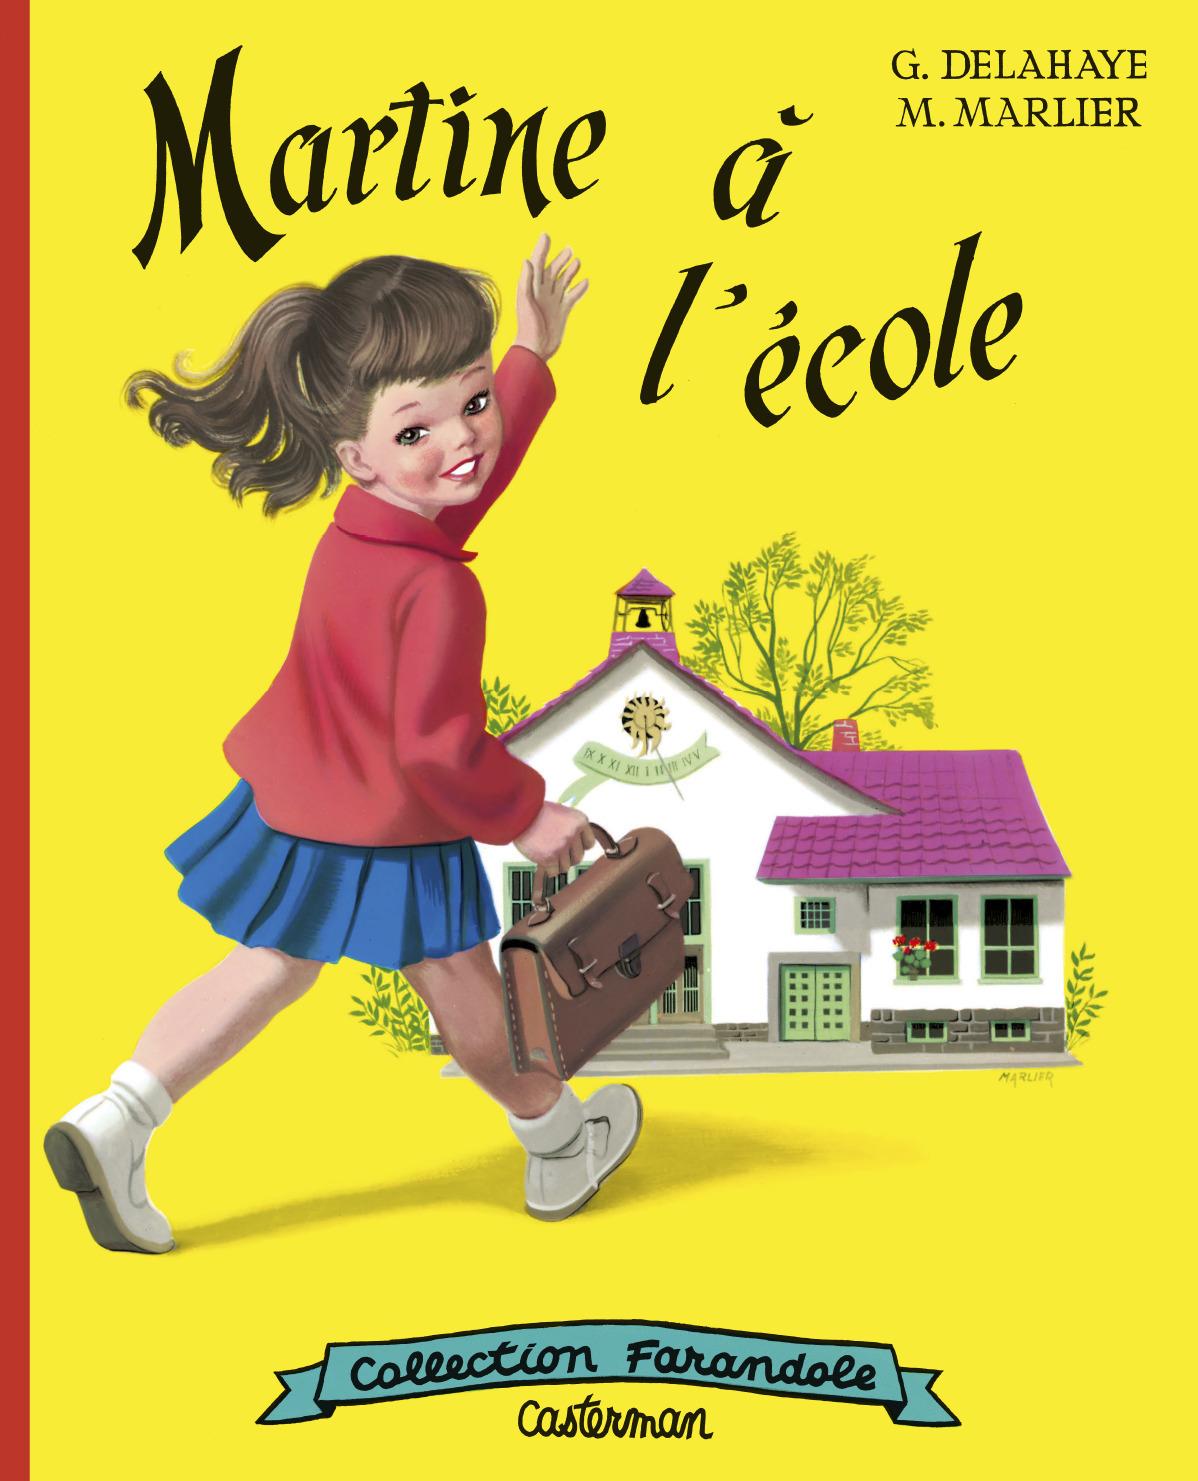 MARTINE A L'ECOLE FAC SIMILE